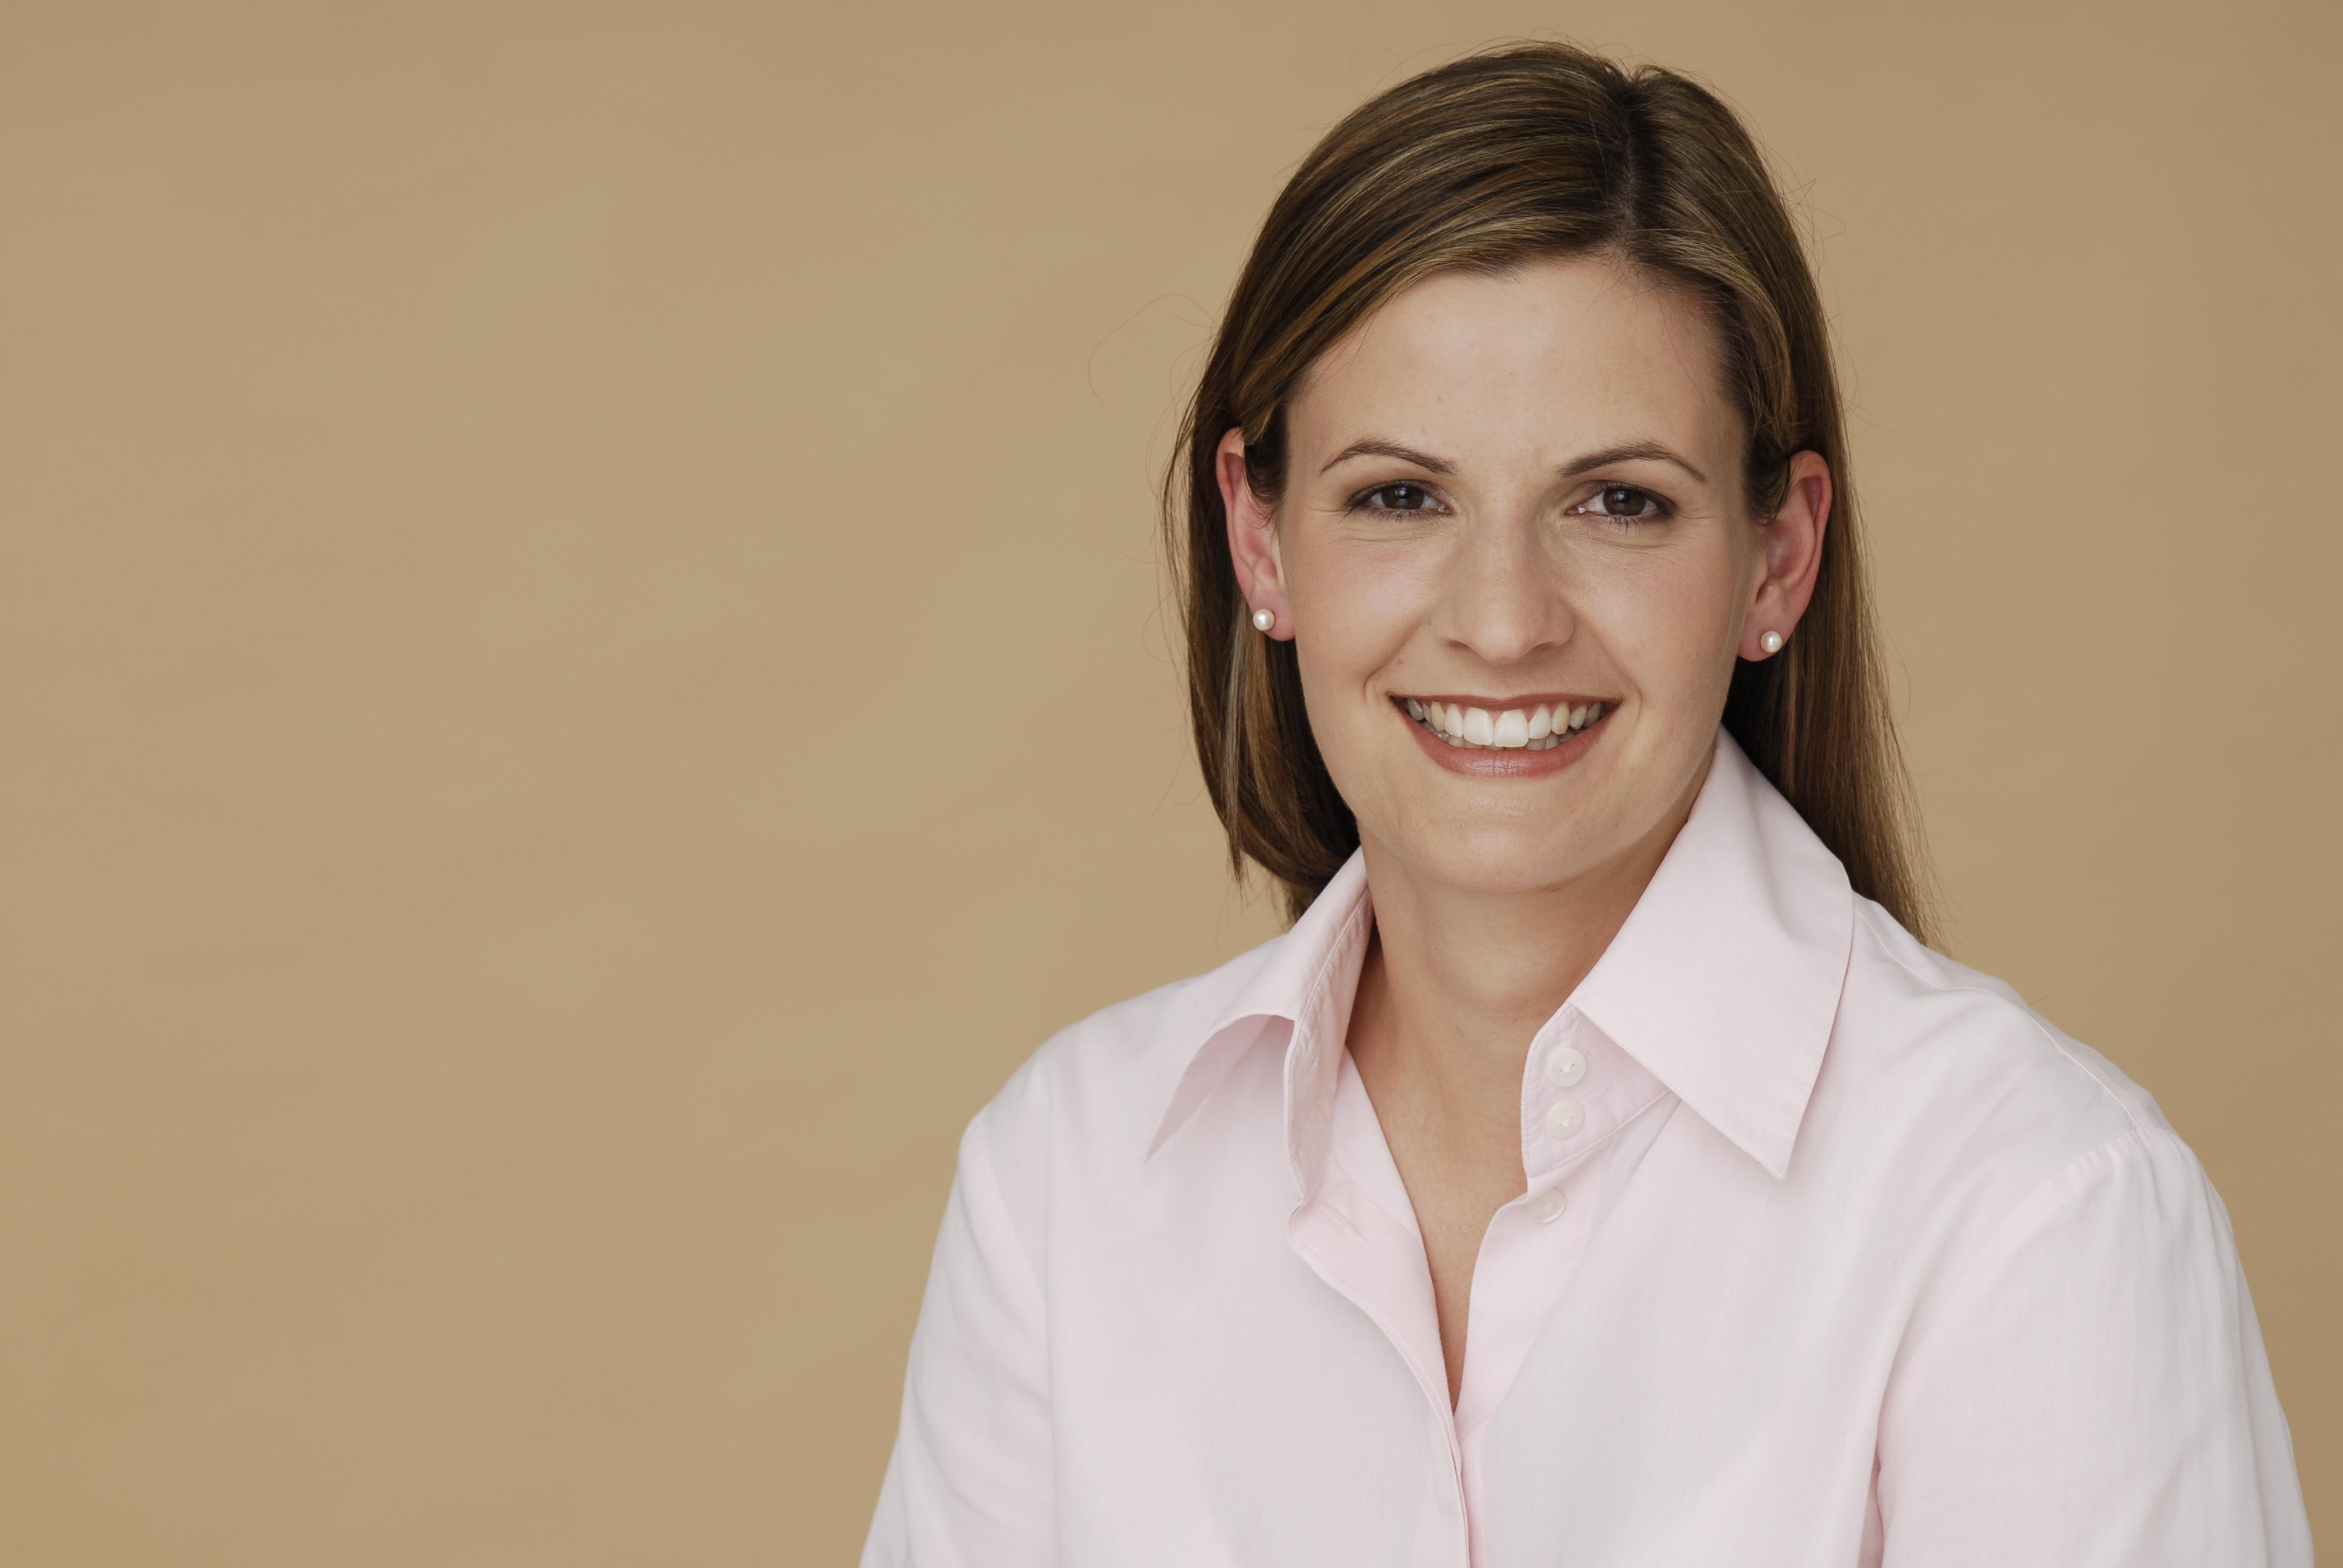 Diana F. (Dipl. Betriebswirtin): Verspannungen verschwinden und die Vitalität wird geweckt